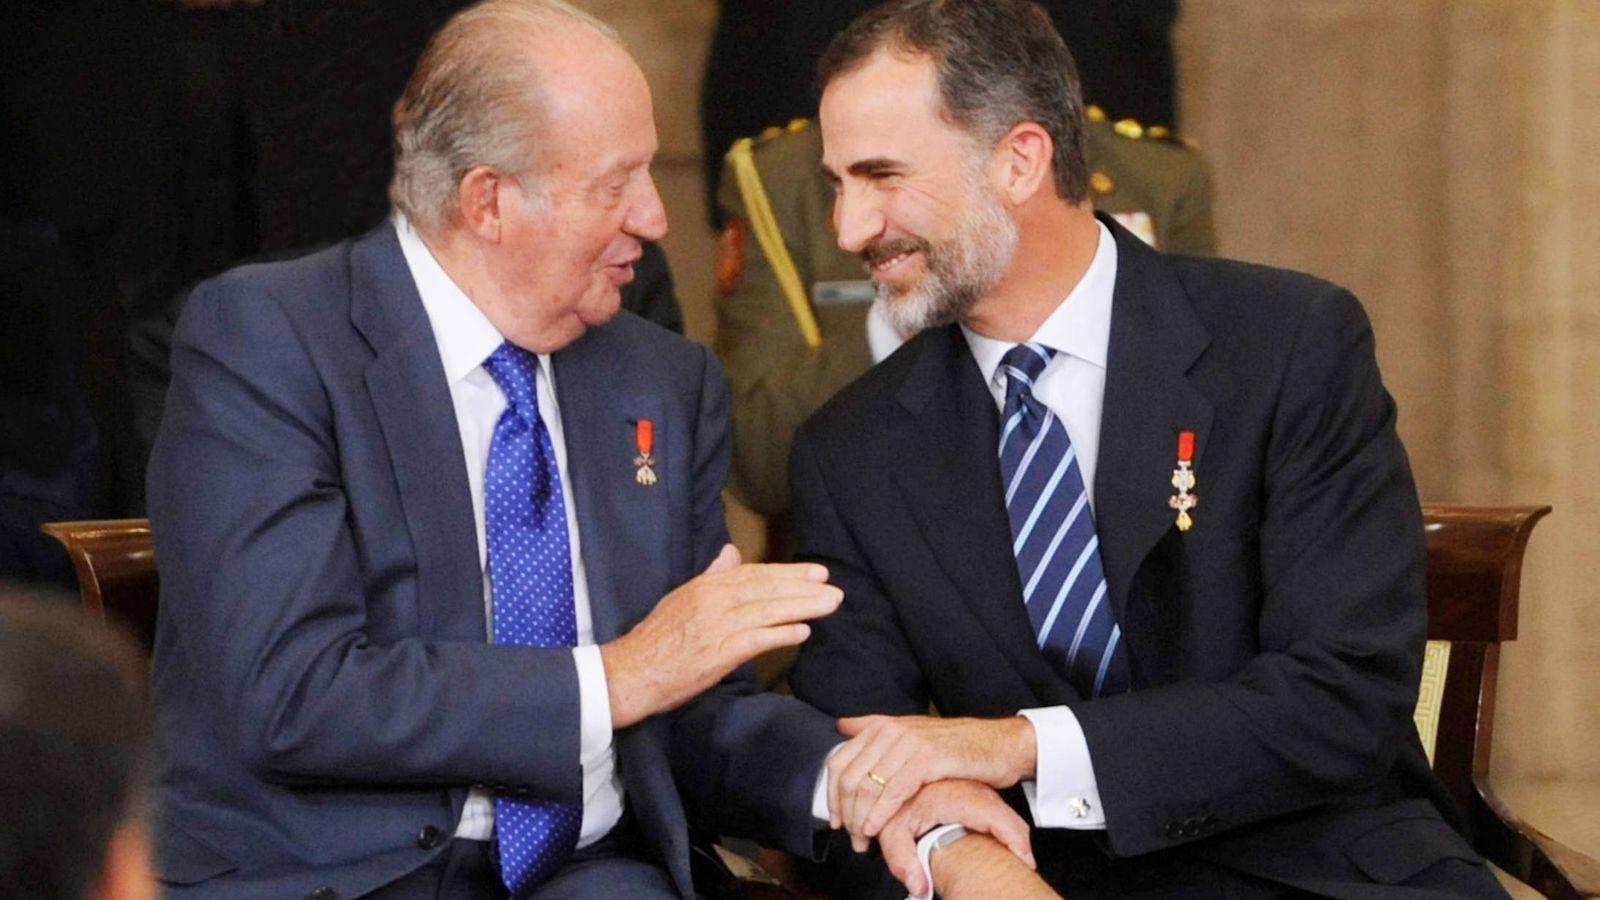 Las bases del PSOE, al contrario que sus líderes, son mayoritariamente republicanas